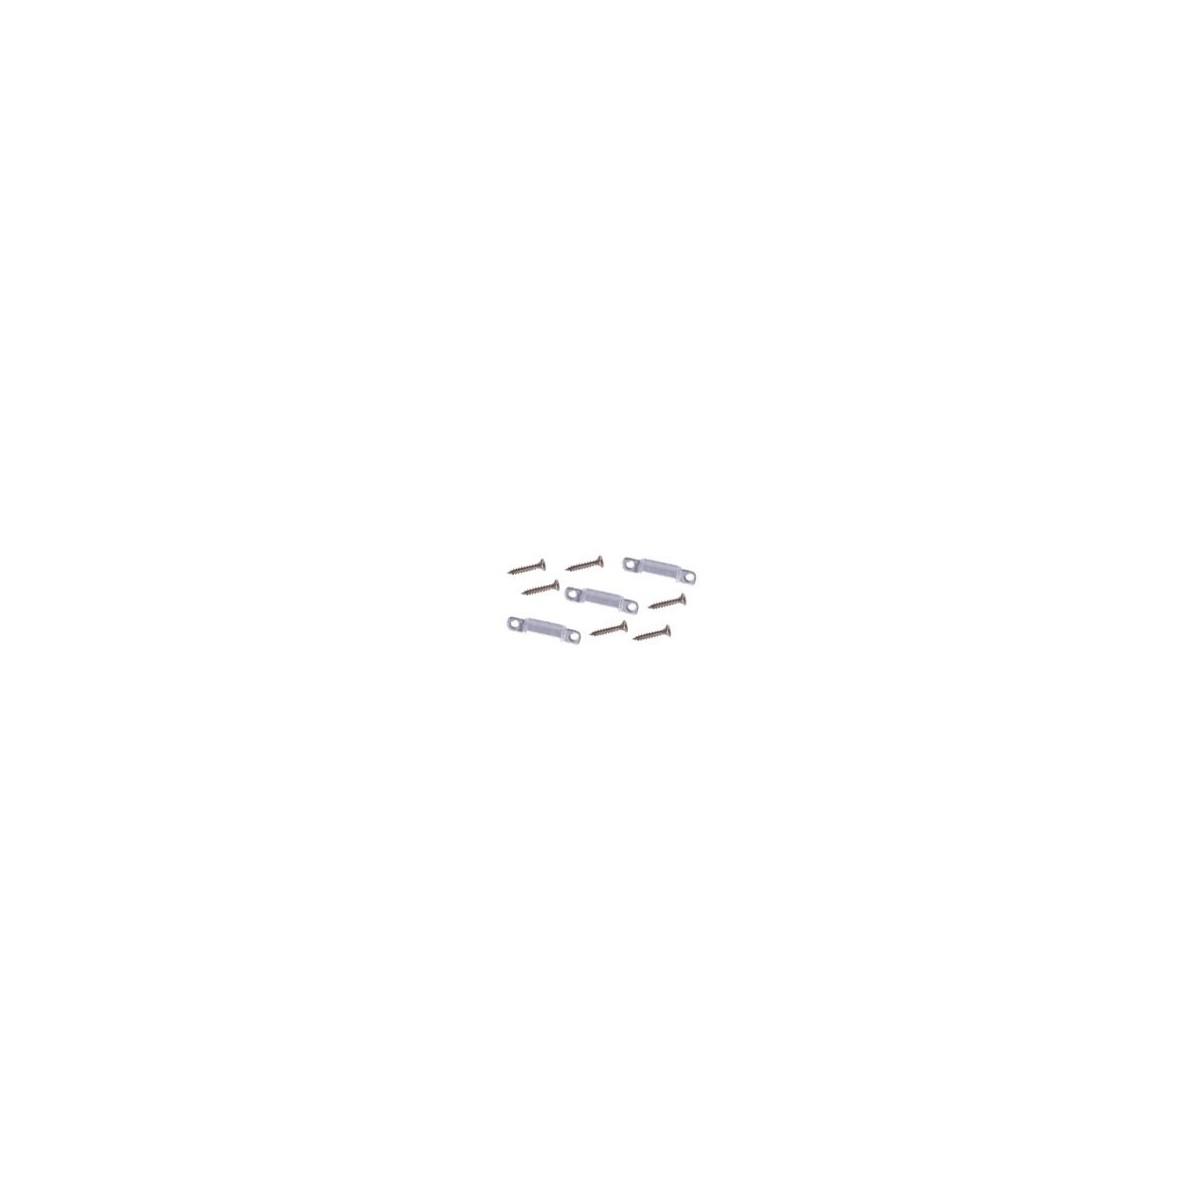 Upevňovací spony + šroubky ( 5 spon + 10 šroubů )